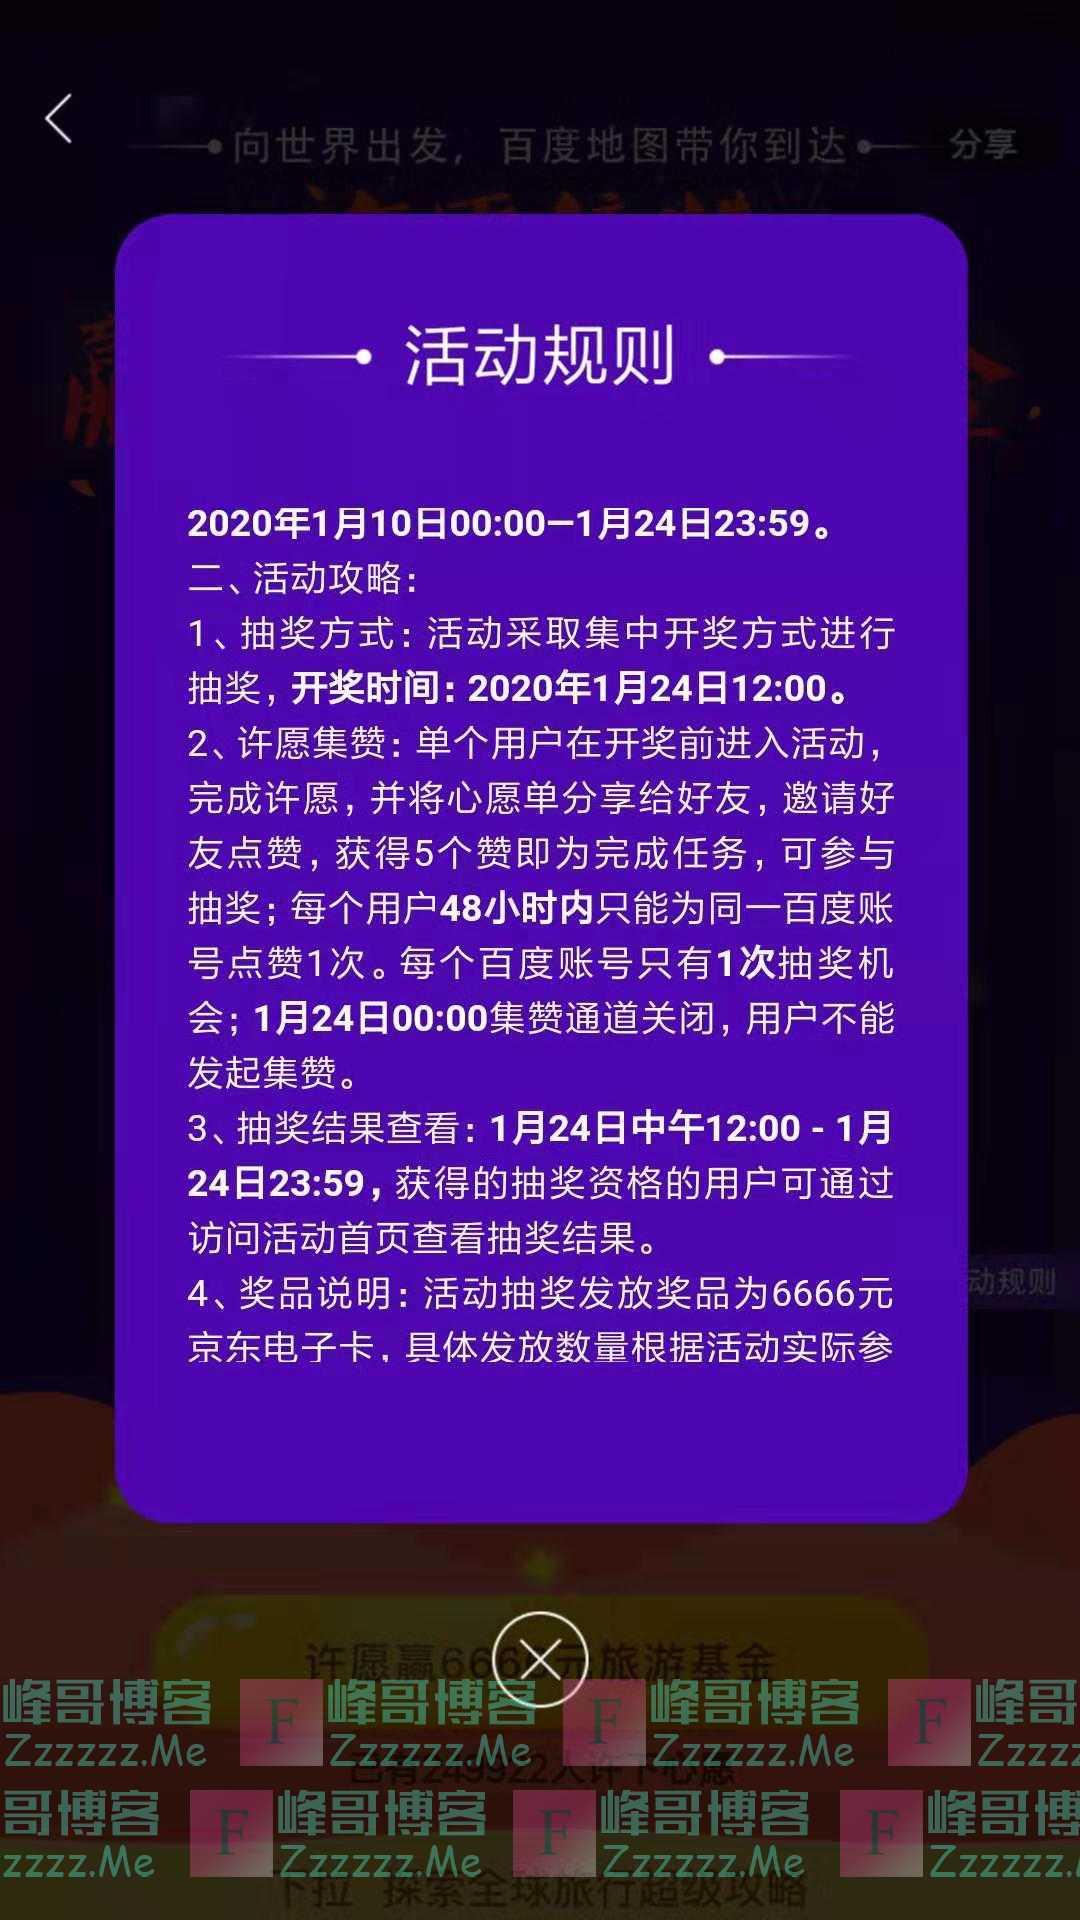 百度地图许愿集赞赢6666元旅行金(截止1月24日)